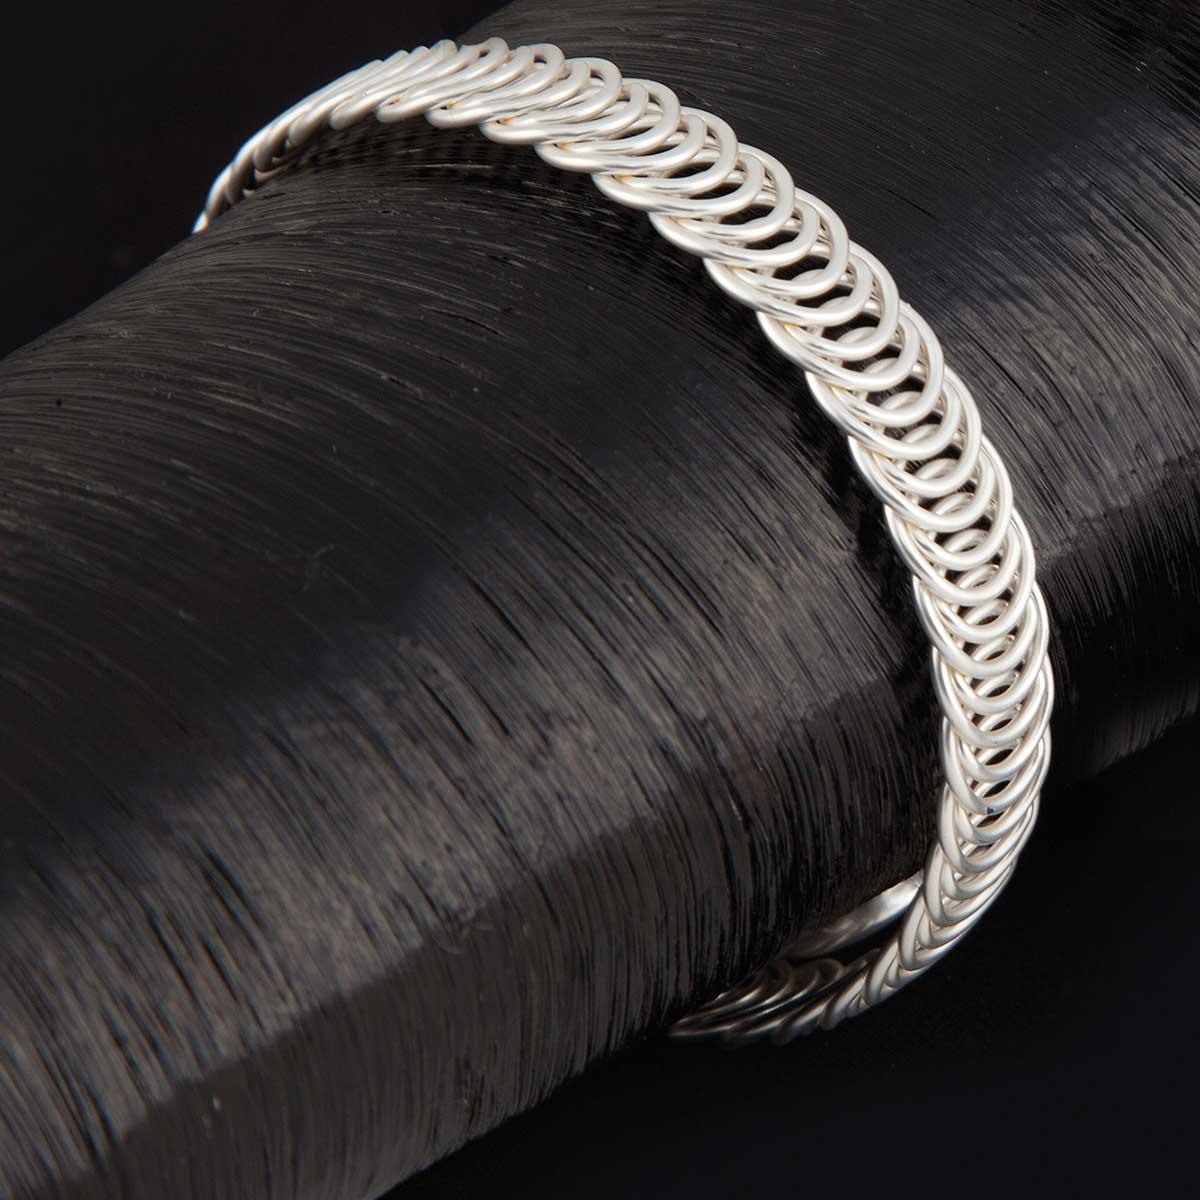 Matte Small Silver Circles Wrap Bracelet